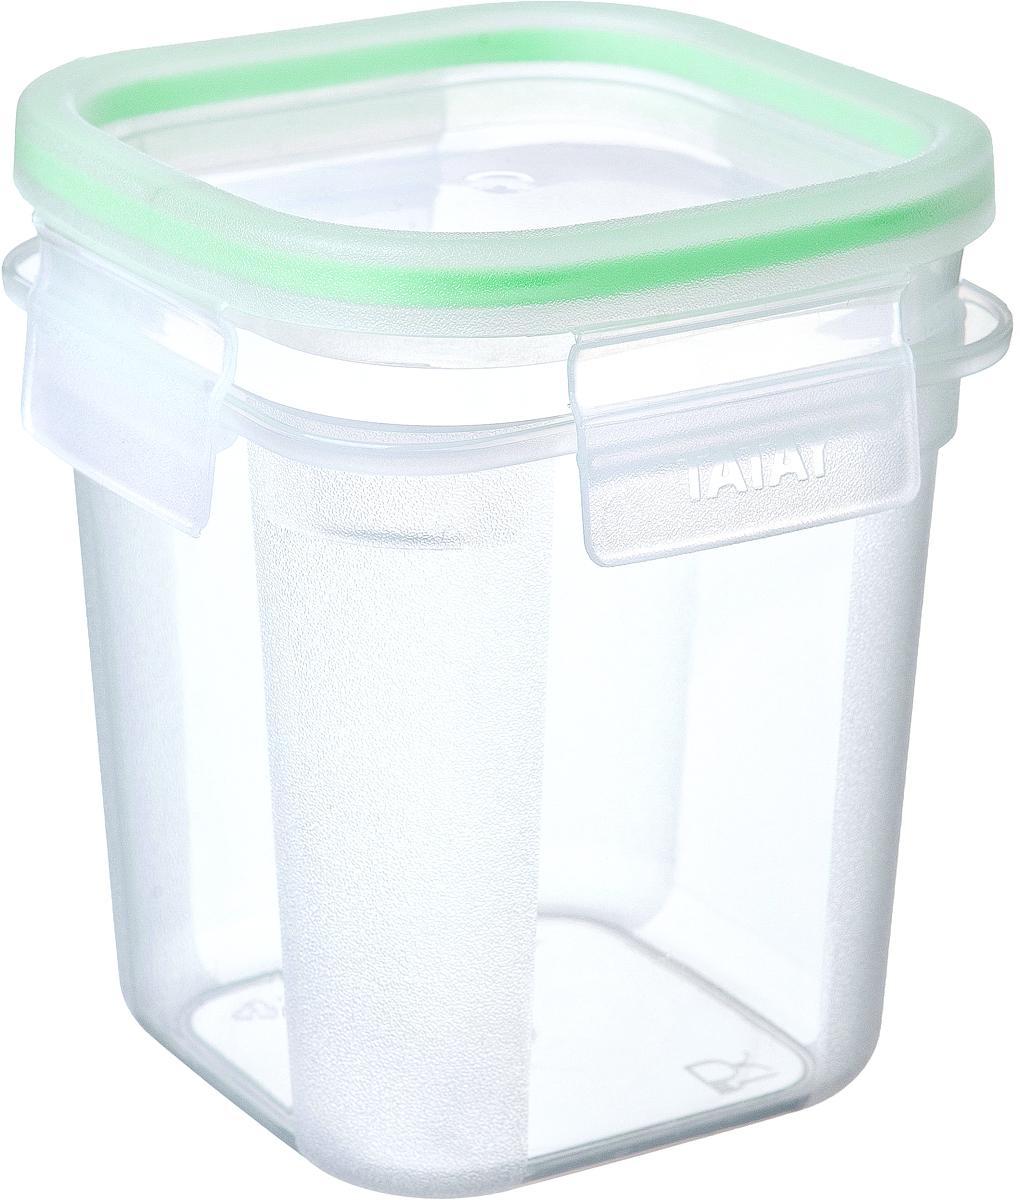 """Герметичный контейнер для пищевых продуктов с уплотнителем из силикона  и системой закрывания крышки с четырех сторон типа """"клик-клак"""".  Материал экологичный, безопасный, не содержит ,бисфенола А. Можно  использовать в микроволновой печи с нагреванием до +100 °С и охлаждать до - 40 °С.Размер: длина:10,8 х 10,8 см. высота: 12,2 см."""